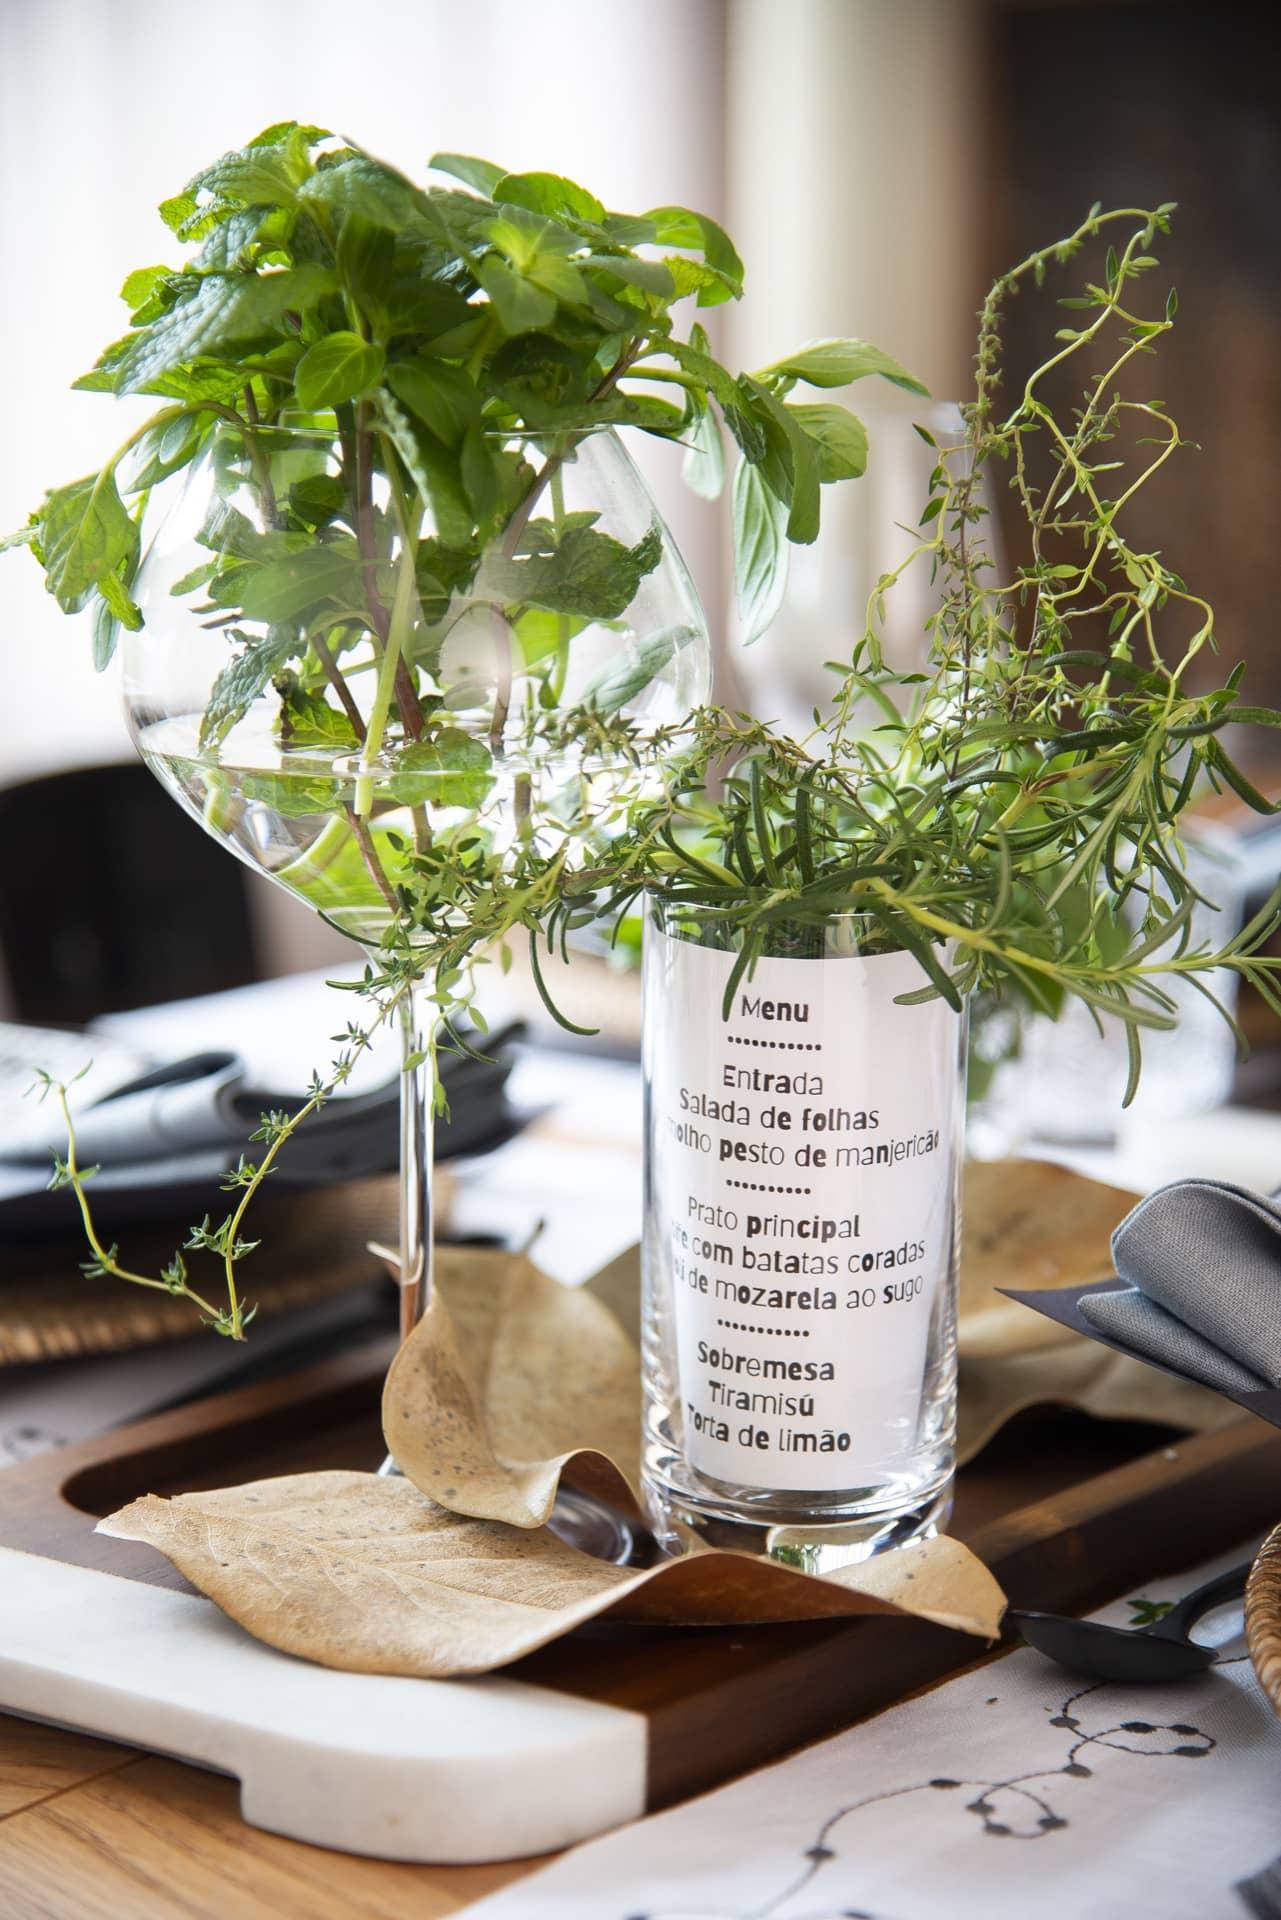 Imprima o menu do almoço do Dia dos Pais e coloque no copo alto de long drink. Dentro dele, vai um copo menor com ramos de ervas e água. Para arrematar o arranjo, espalhe folhas secas sobre a bandeja. Foto: Cacá Bratke